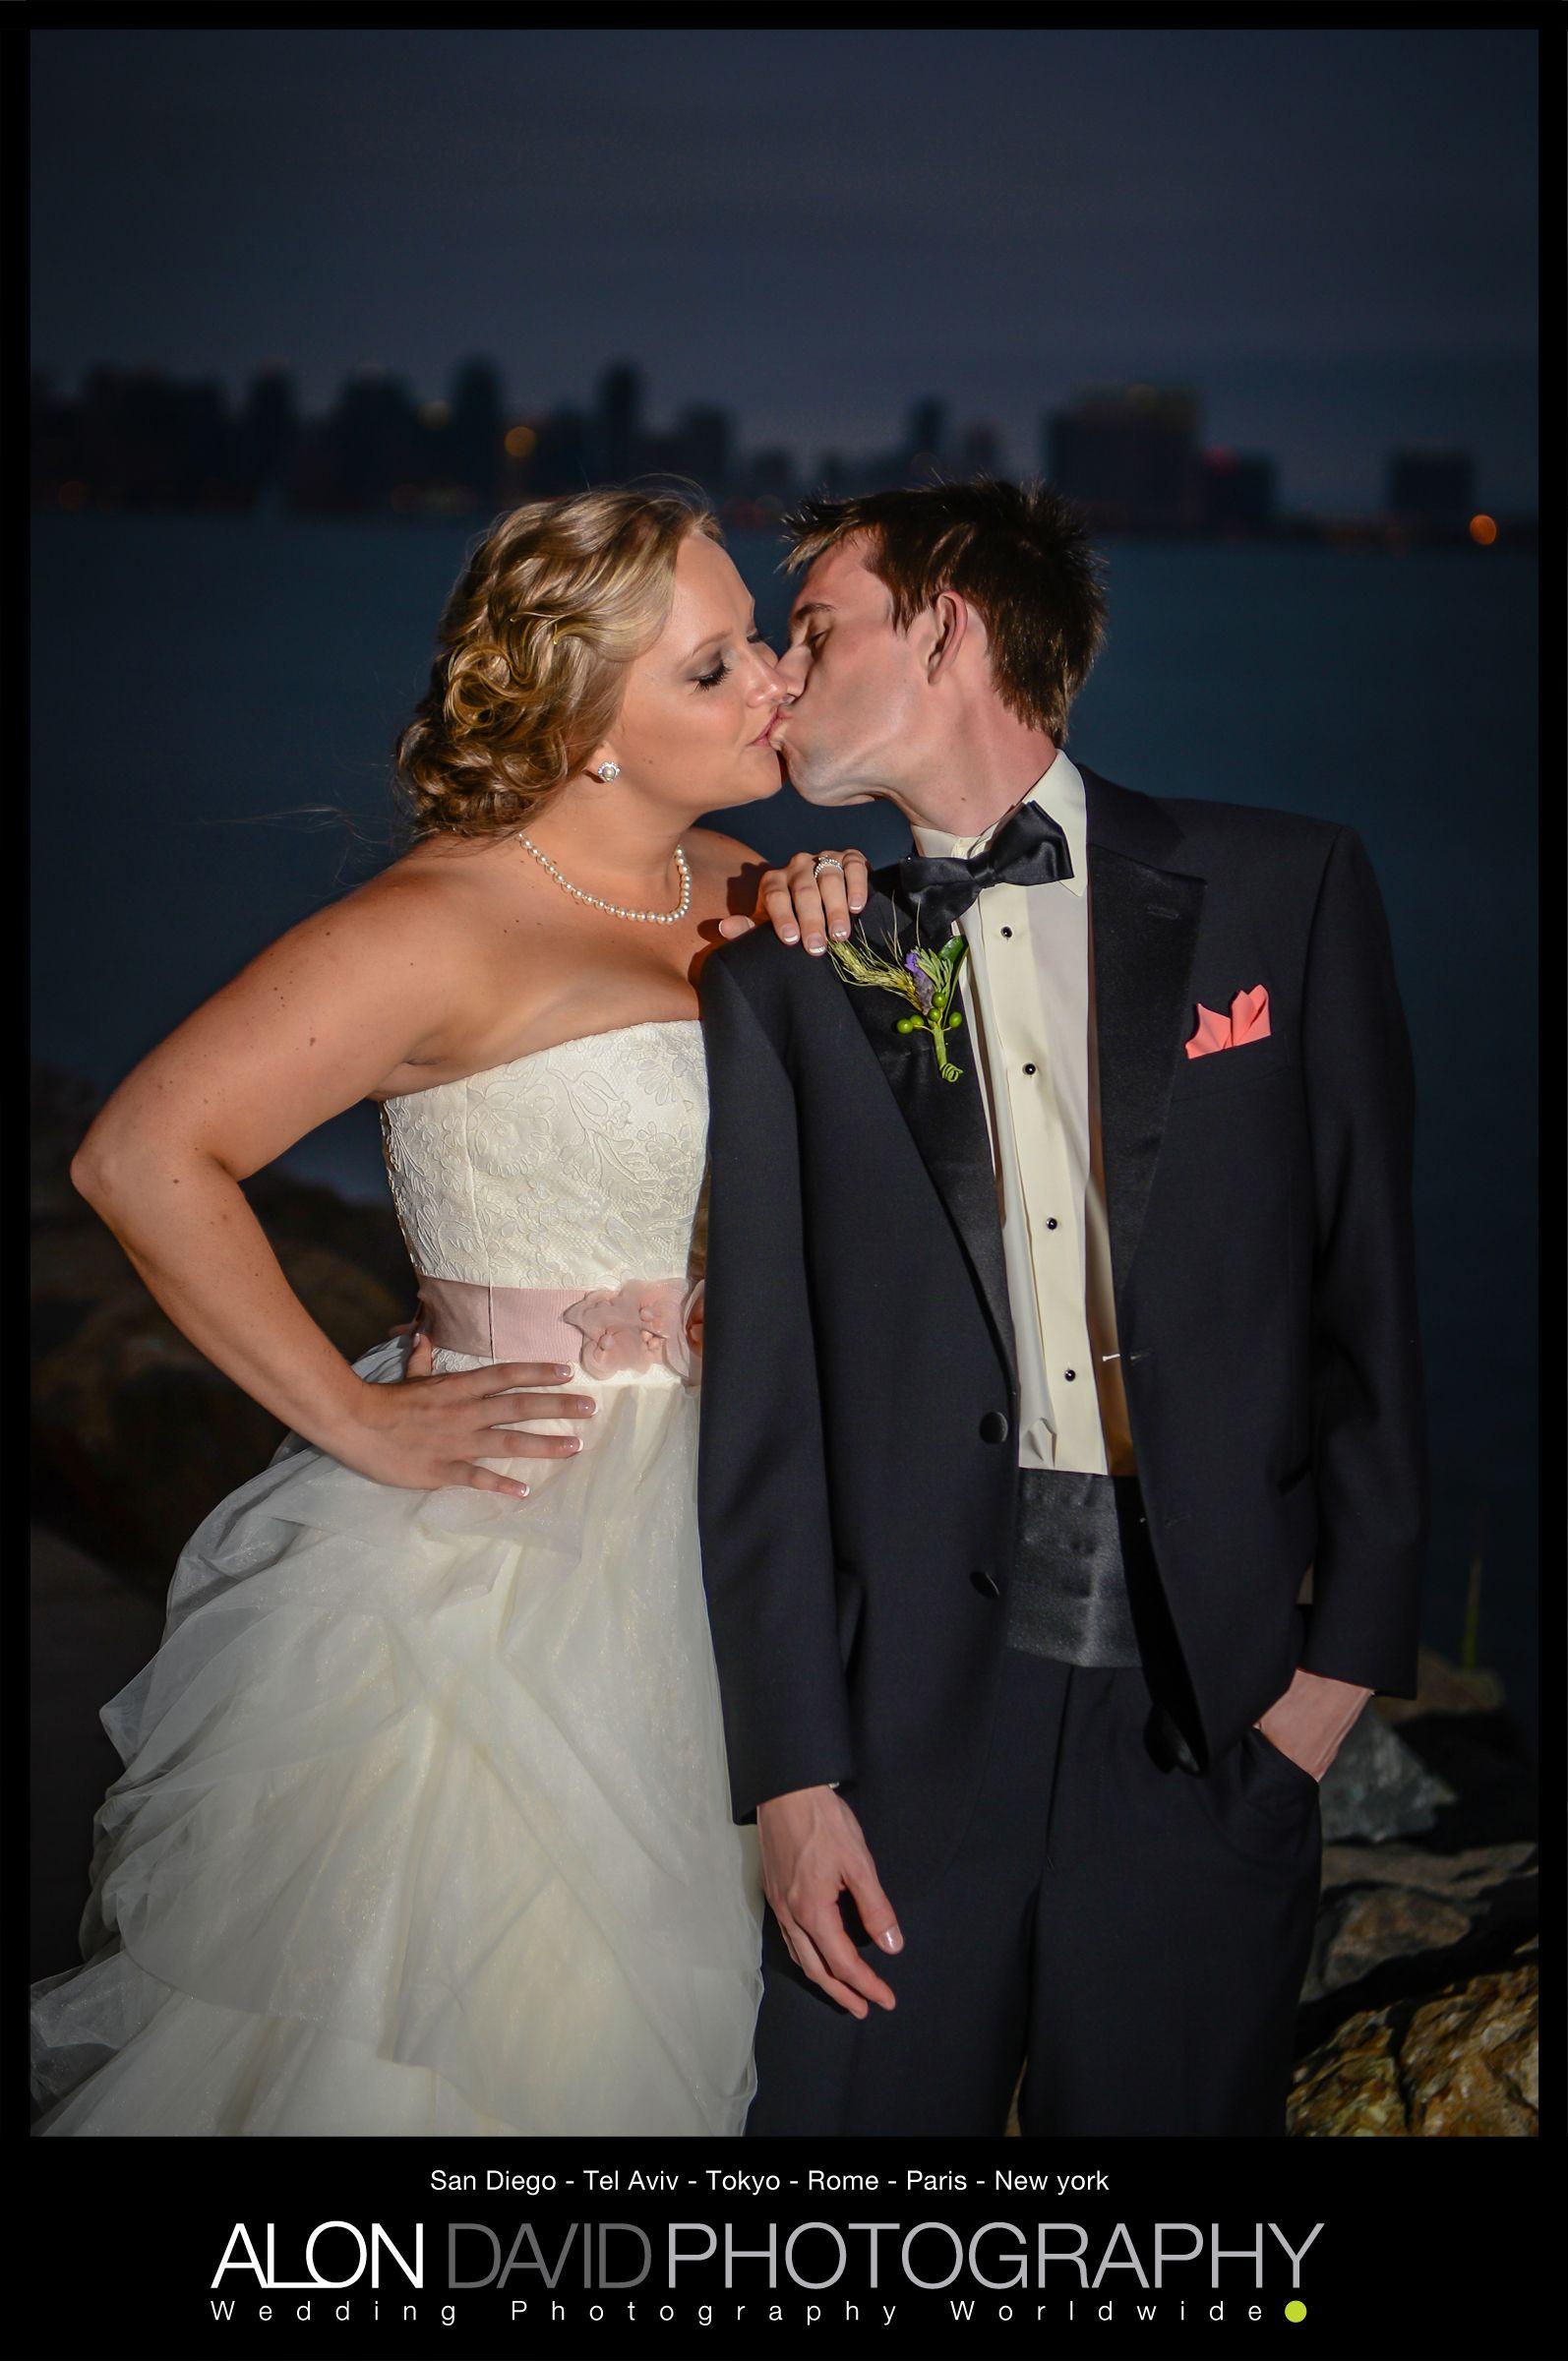 Downtown San Diego Wedding Photography   www.alondavidphotography.com  #weddingphotography #alondavidphotography #wedding #downtown #bride #groom #ring #sandiego